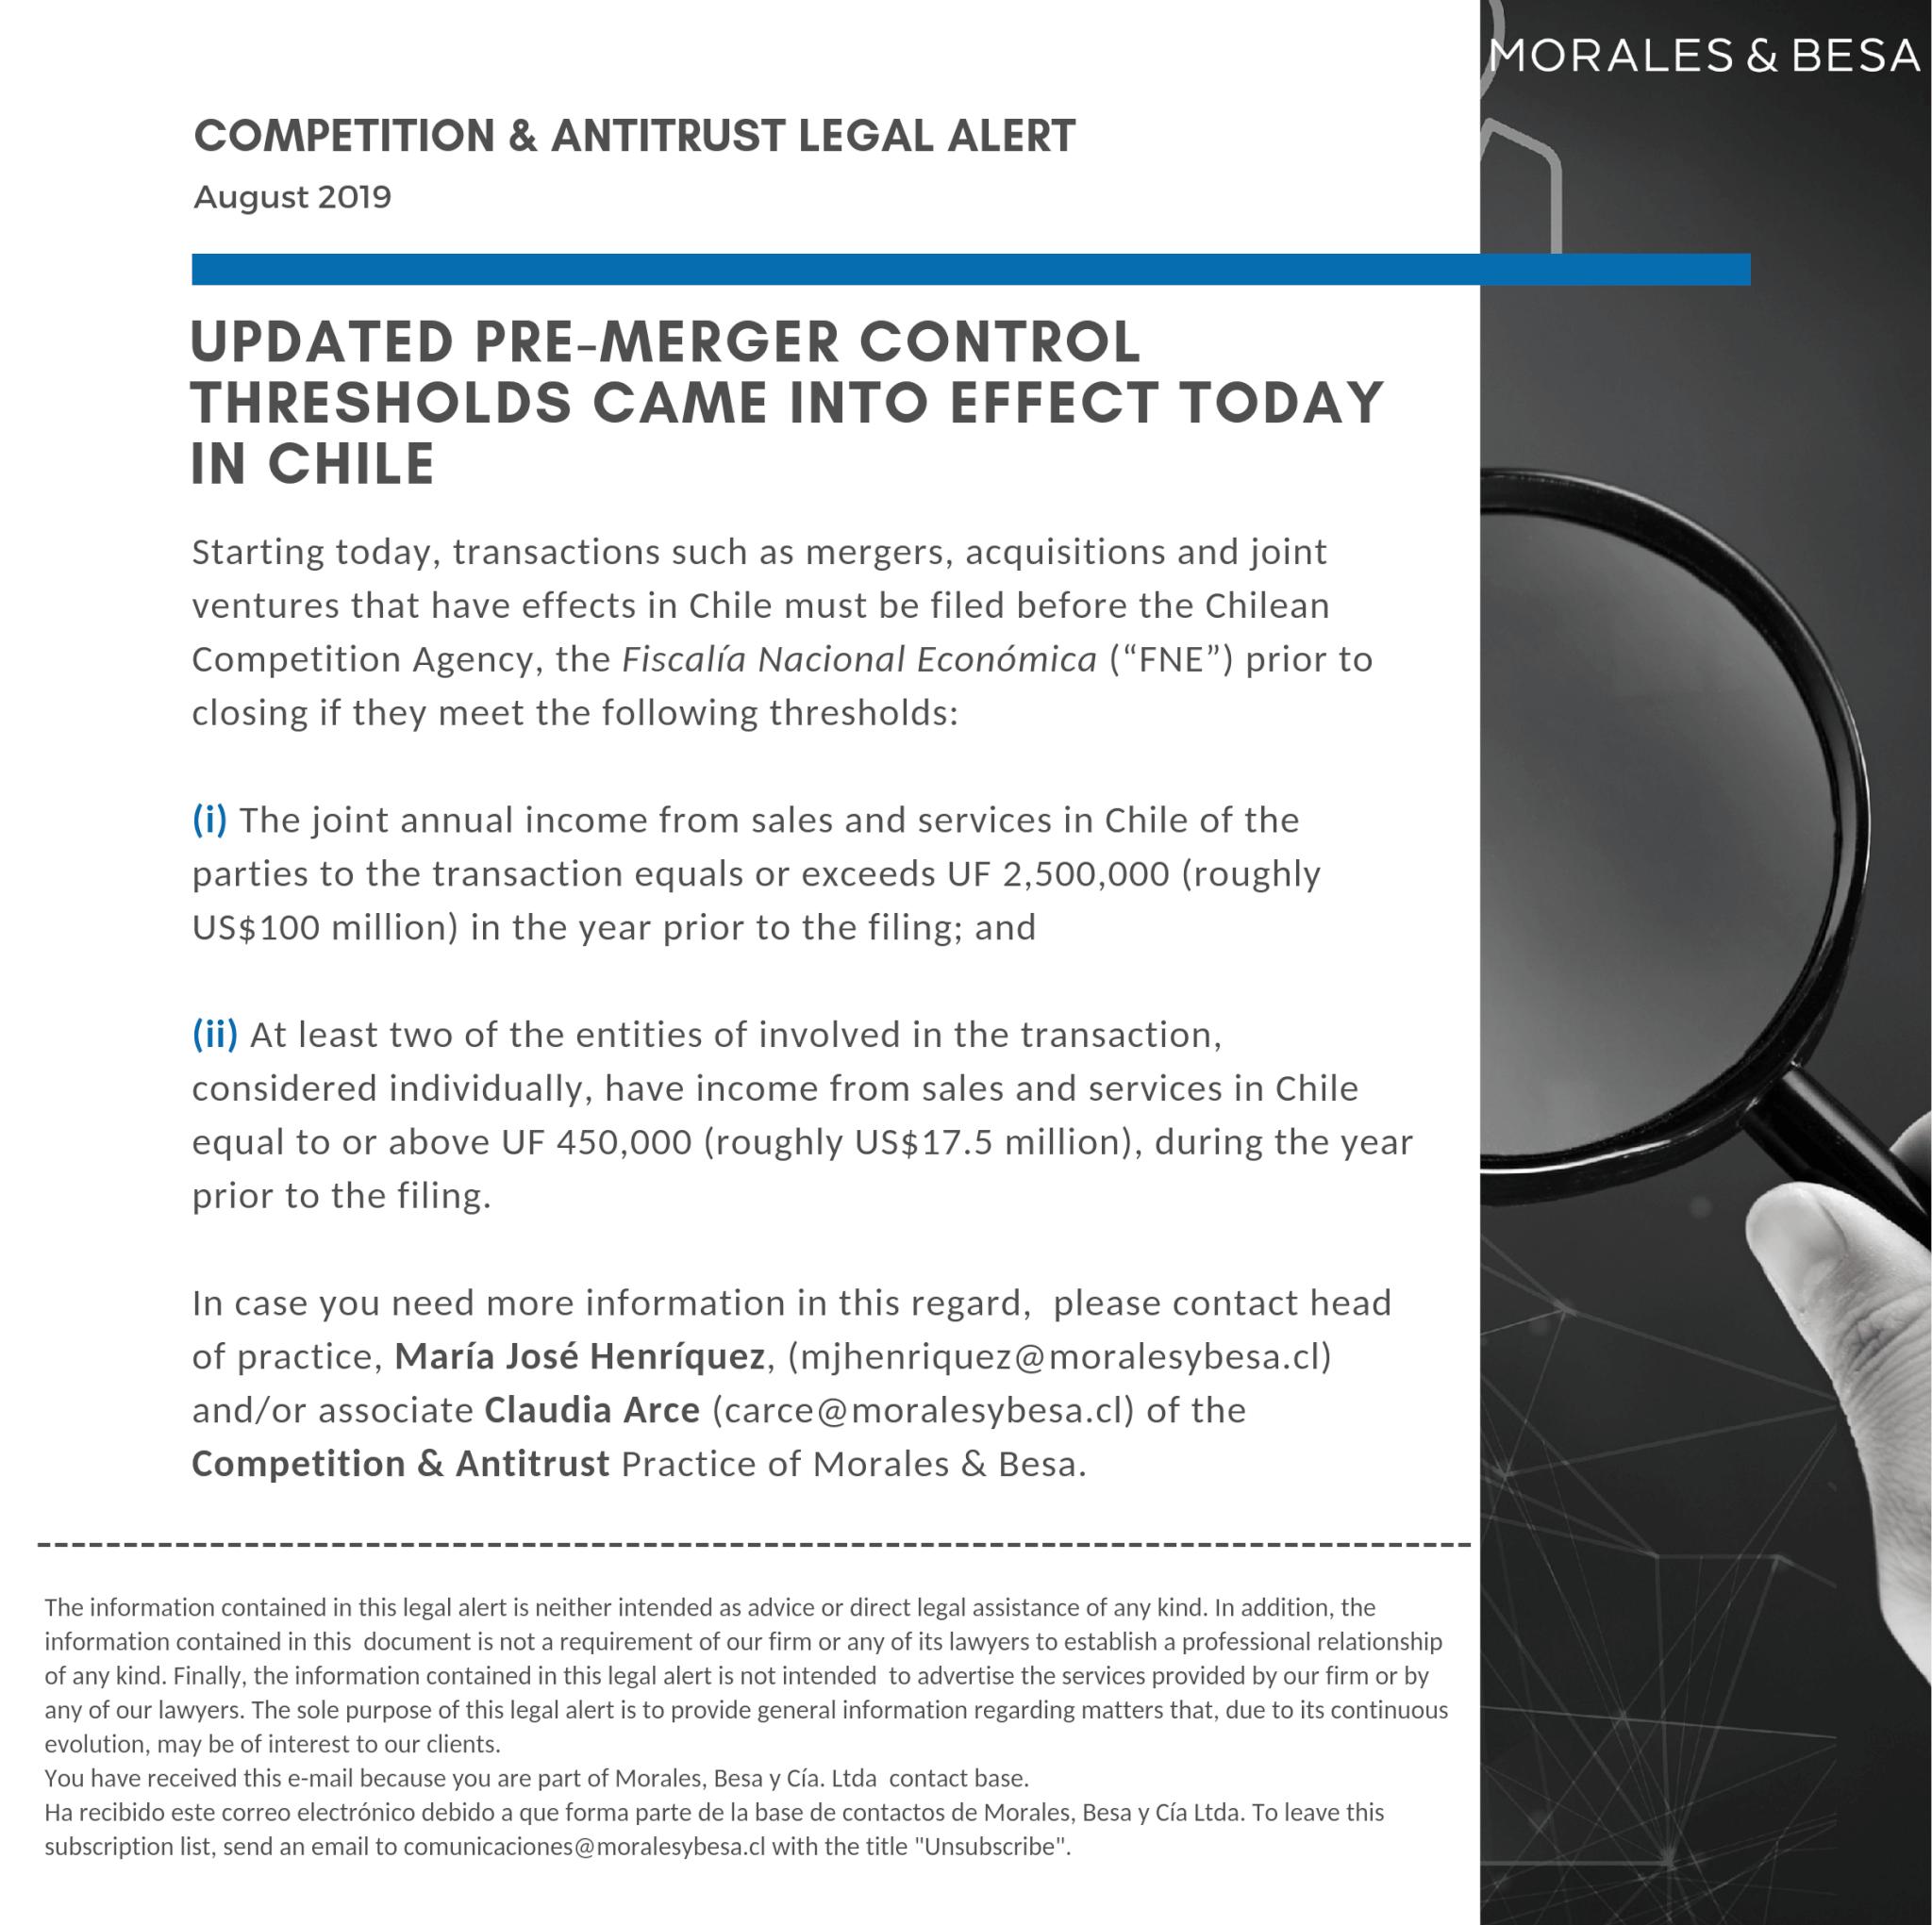 Legal Alert Competition & Antitrust - August 2019